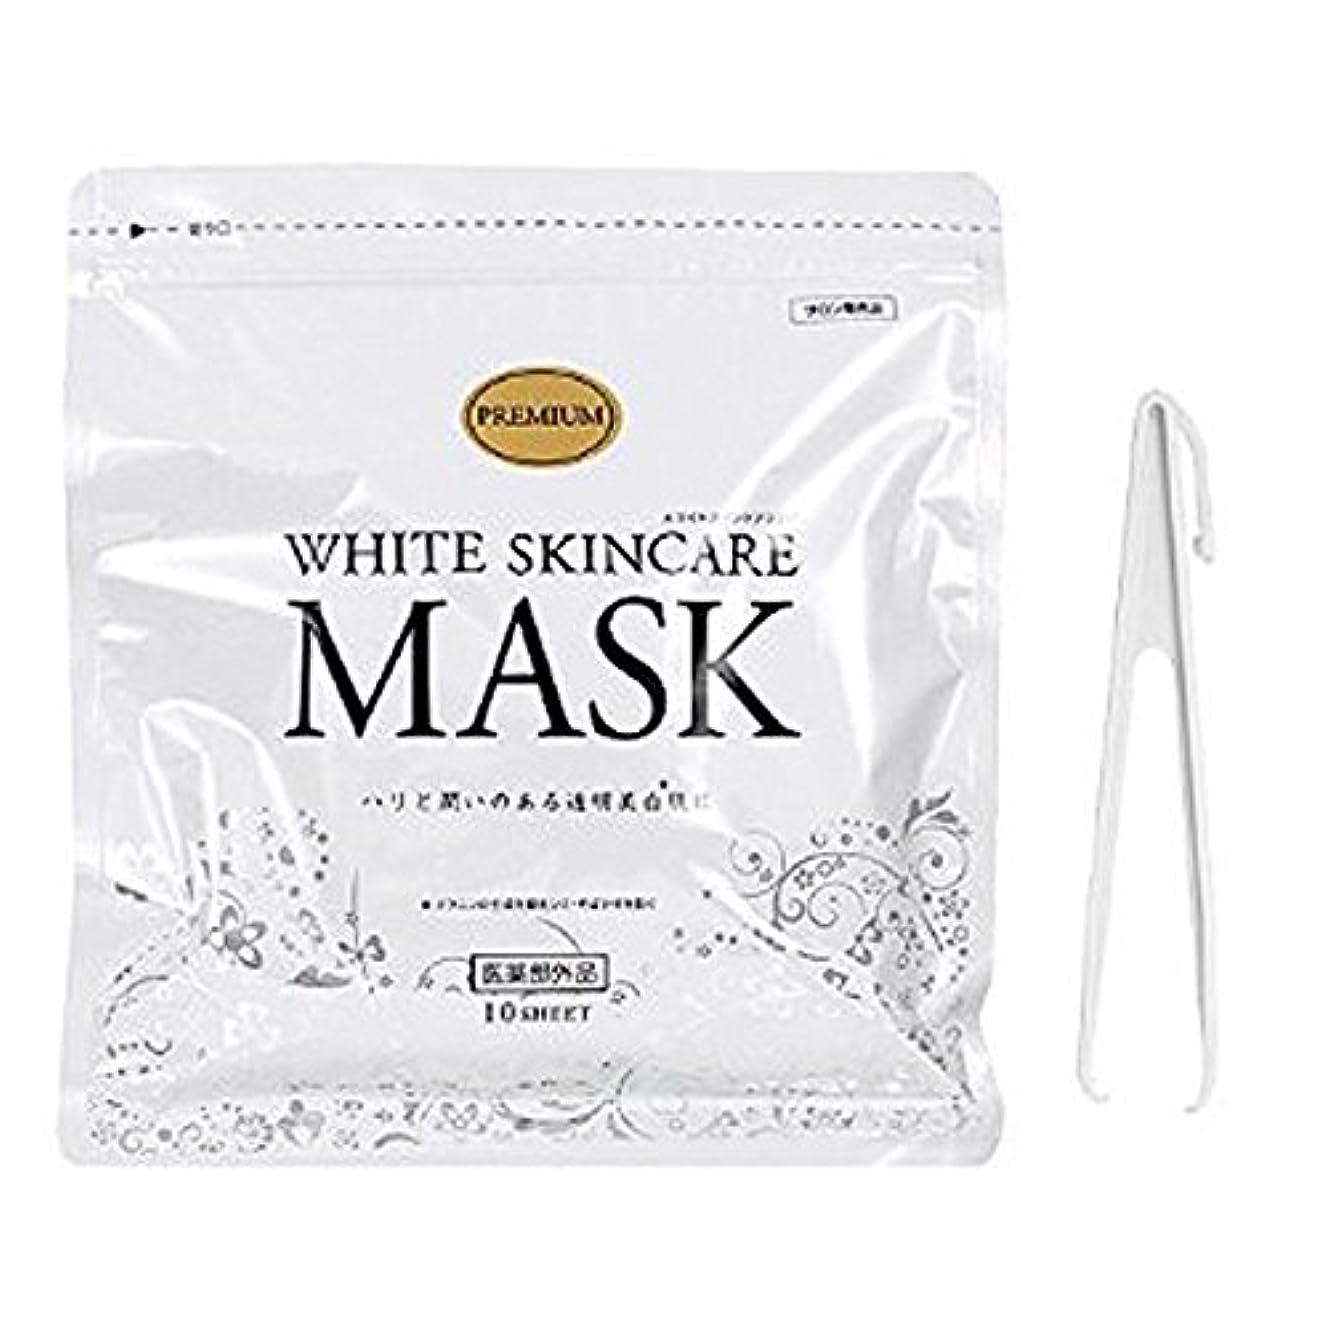 スカウト抜け目のない調整可能ホワイトスキンケアマスク 10枚入